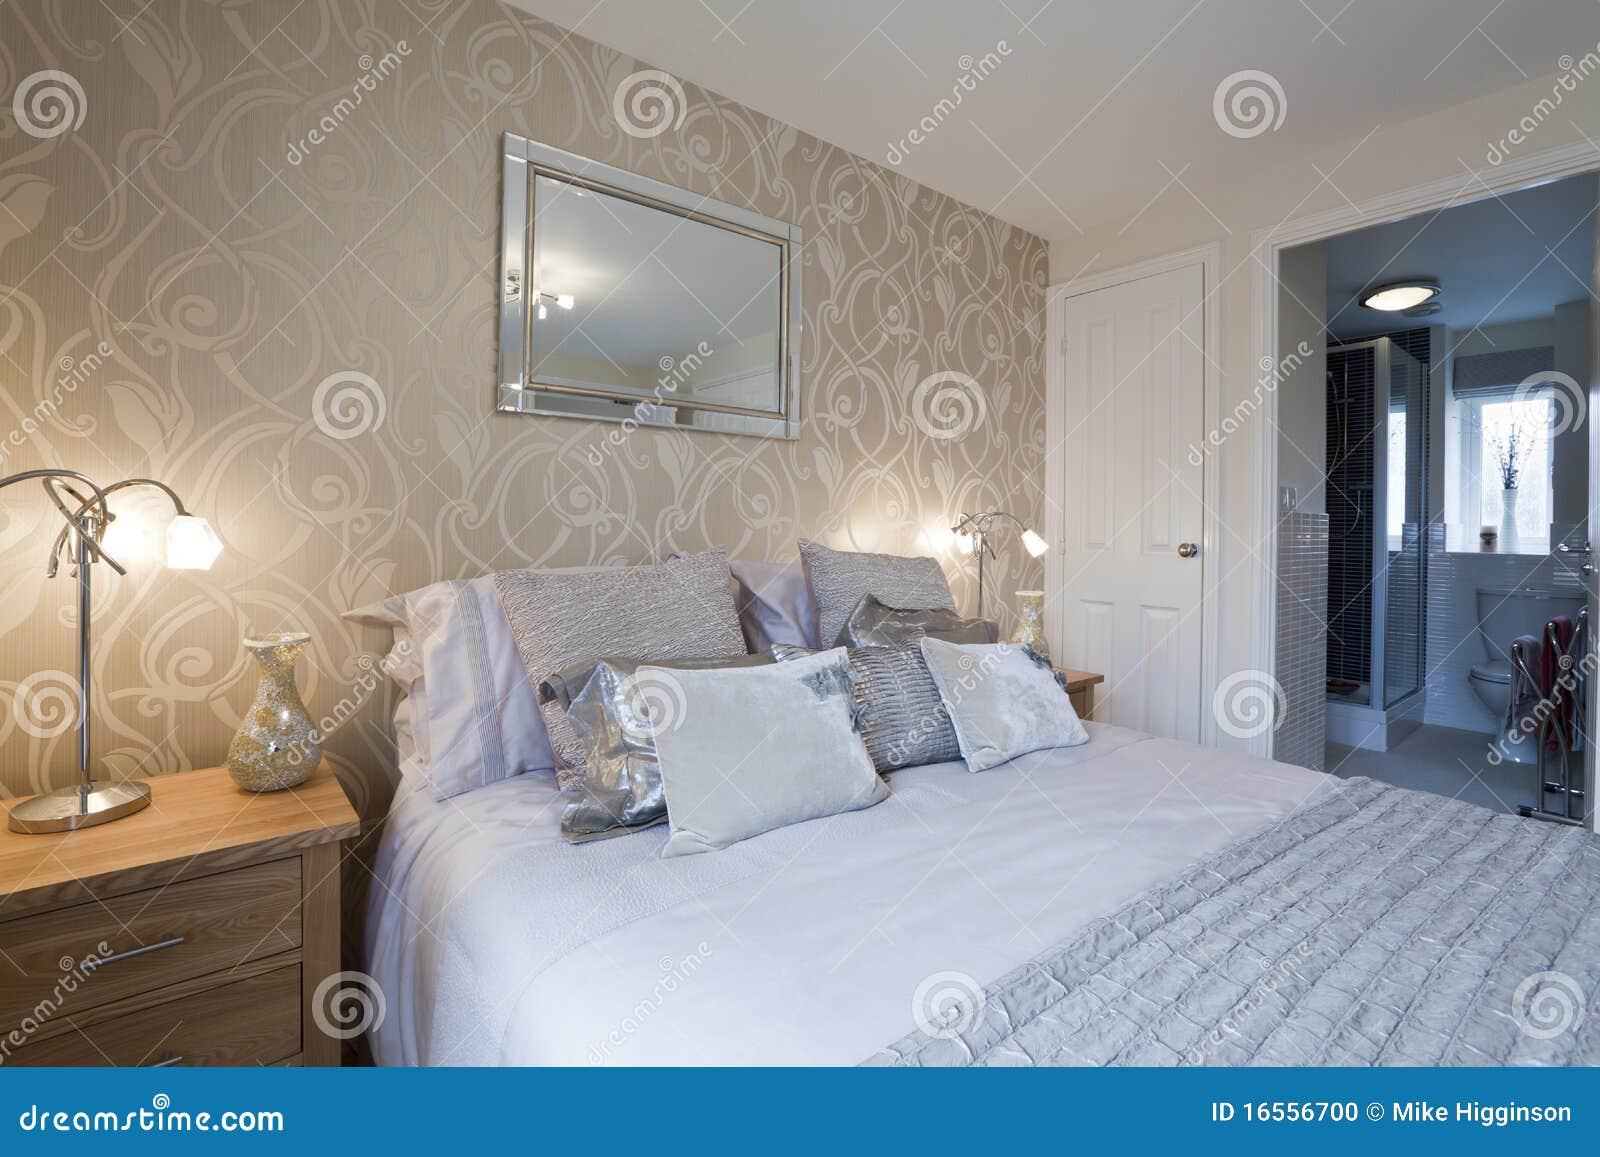 detalhe moderno chique do quarto com série e cama do en vestiu se  #7F6A4C 1300 957